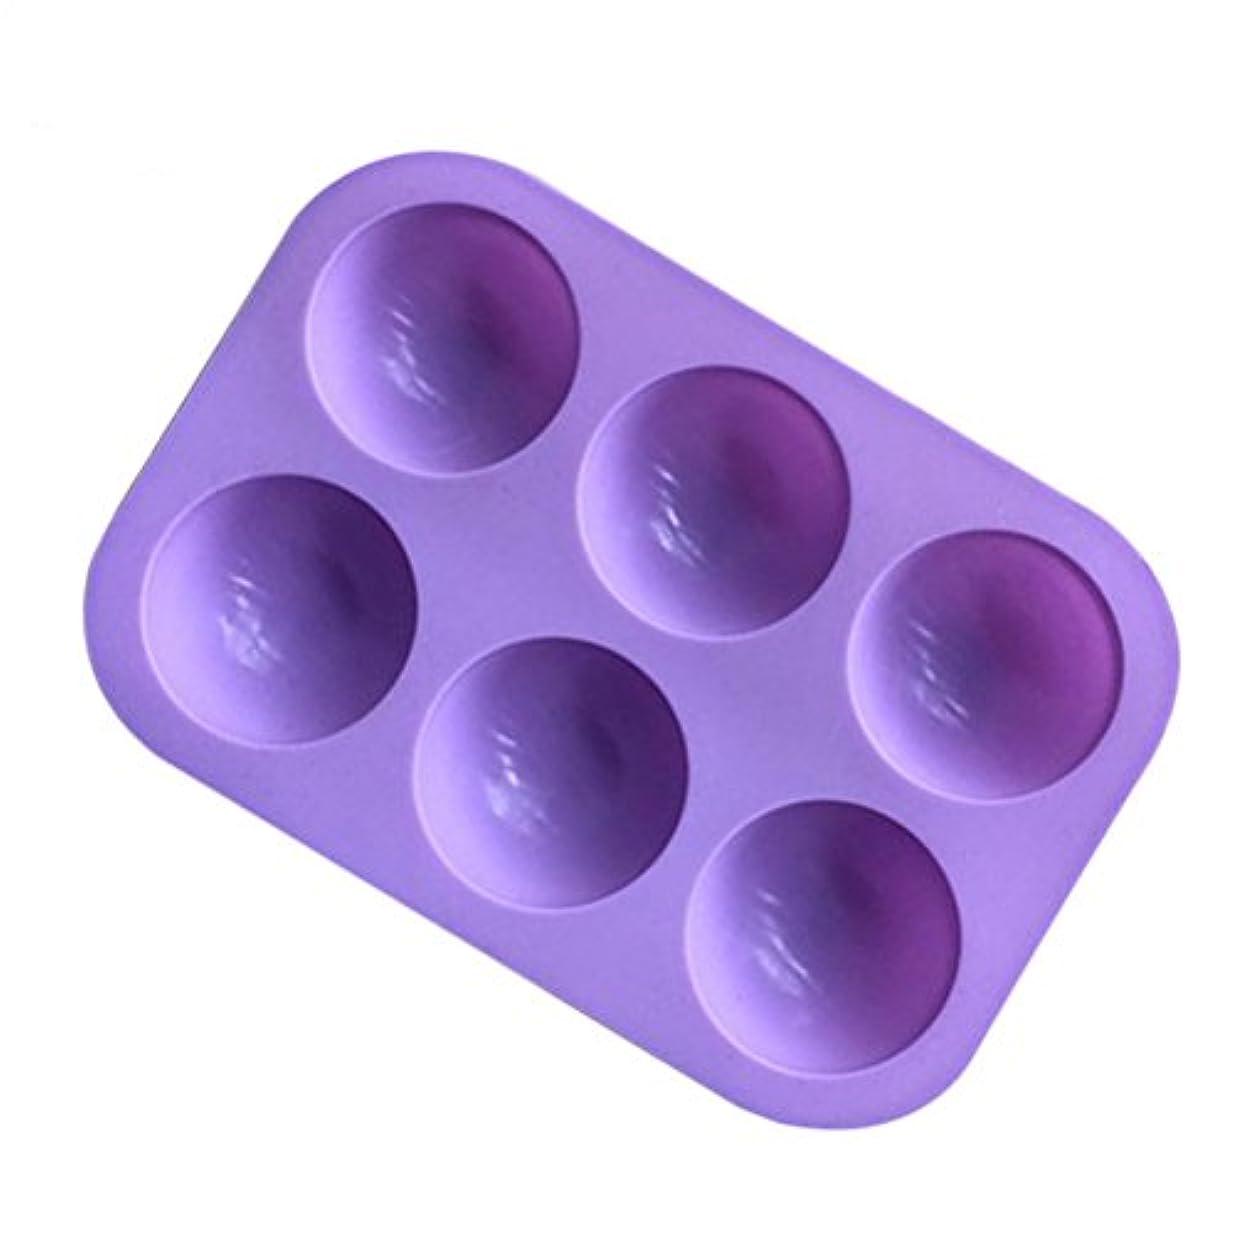 バージン詐欺師羊BESTONZON シリコンソープモールド半円マフィンパンカップケーキキャンディモールドケーキチョコレートモールドベーキングモールド6個のキャビティ(紫色)